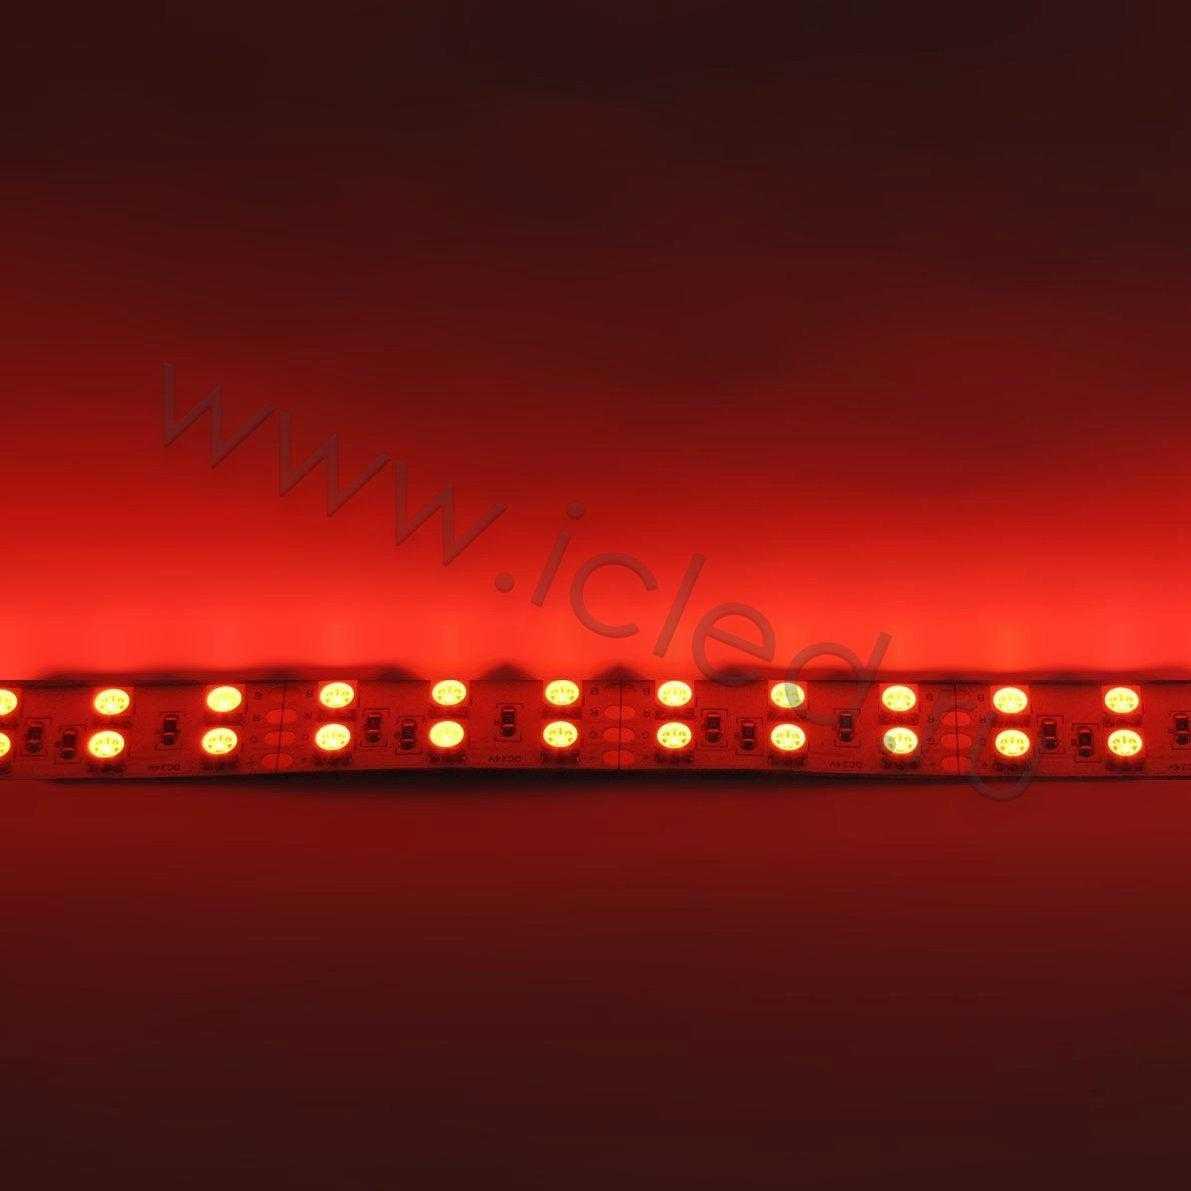 Светодиодная лента Class B, 5050, 144 led/m, RGB, 24V, IP33